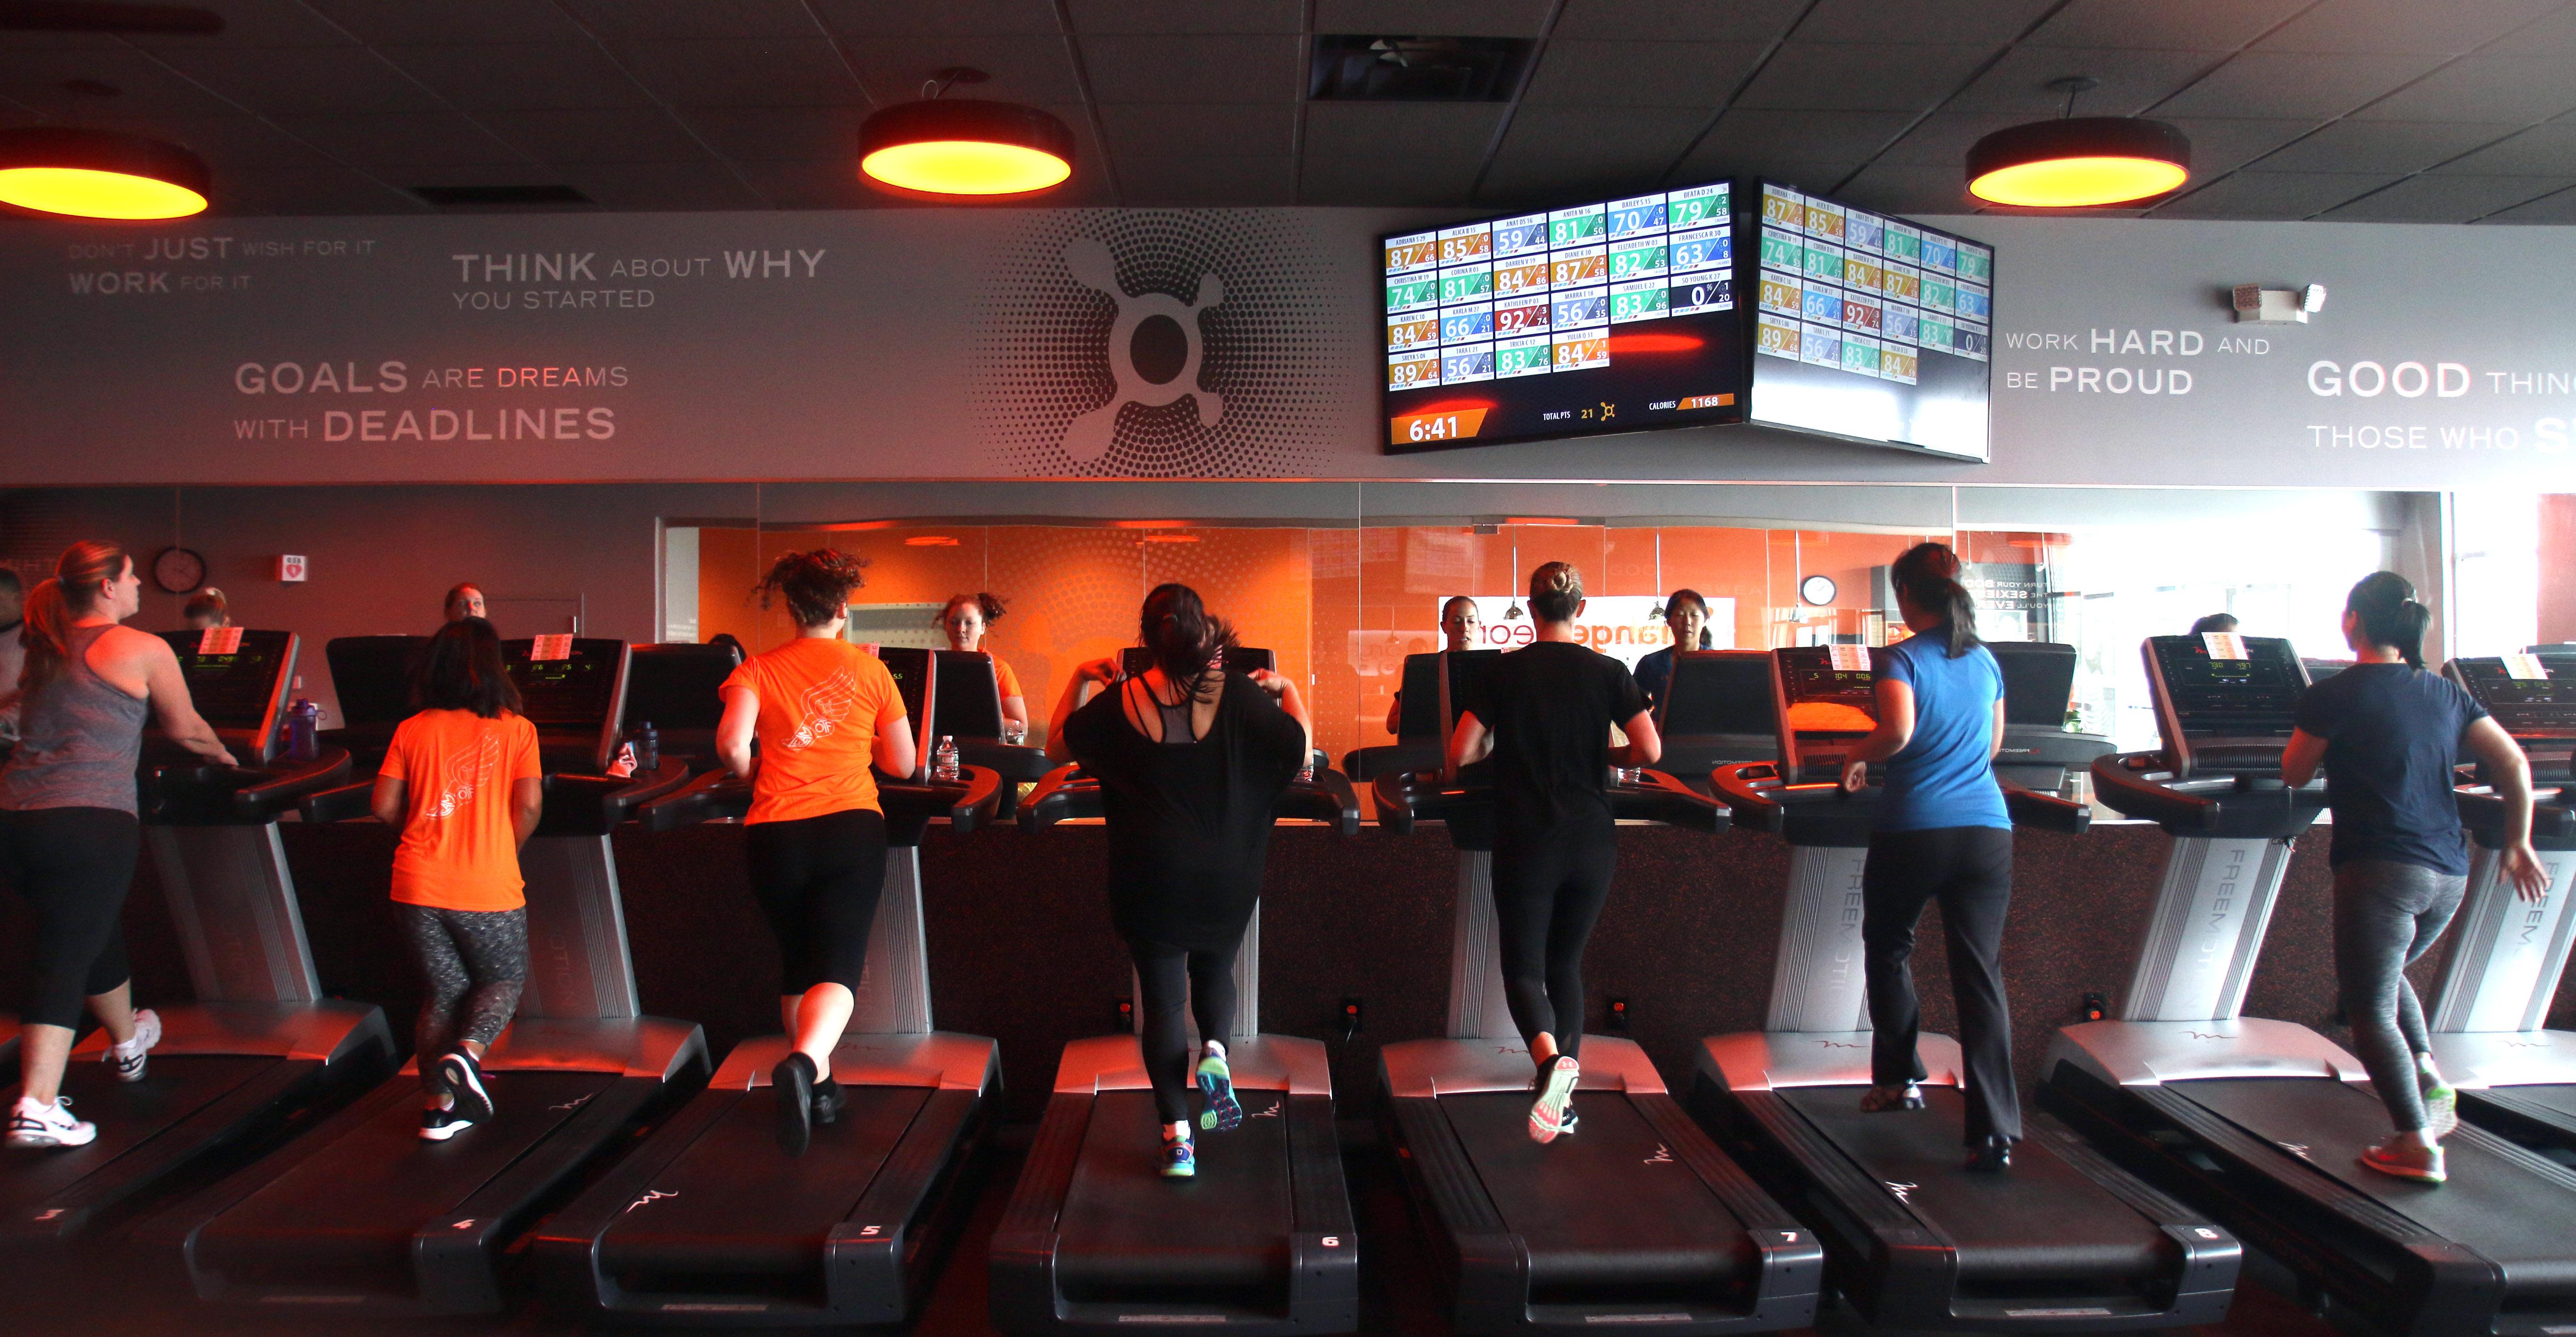 Orangetheory Fitness opening studios in 4 N.J. towns